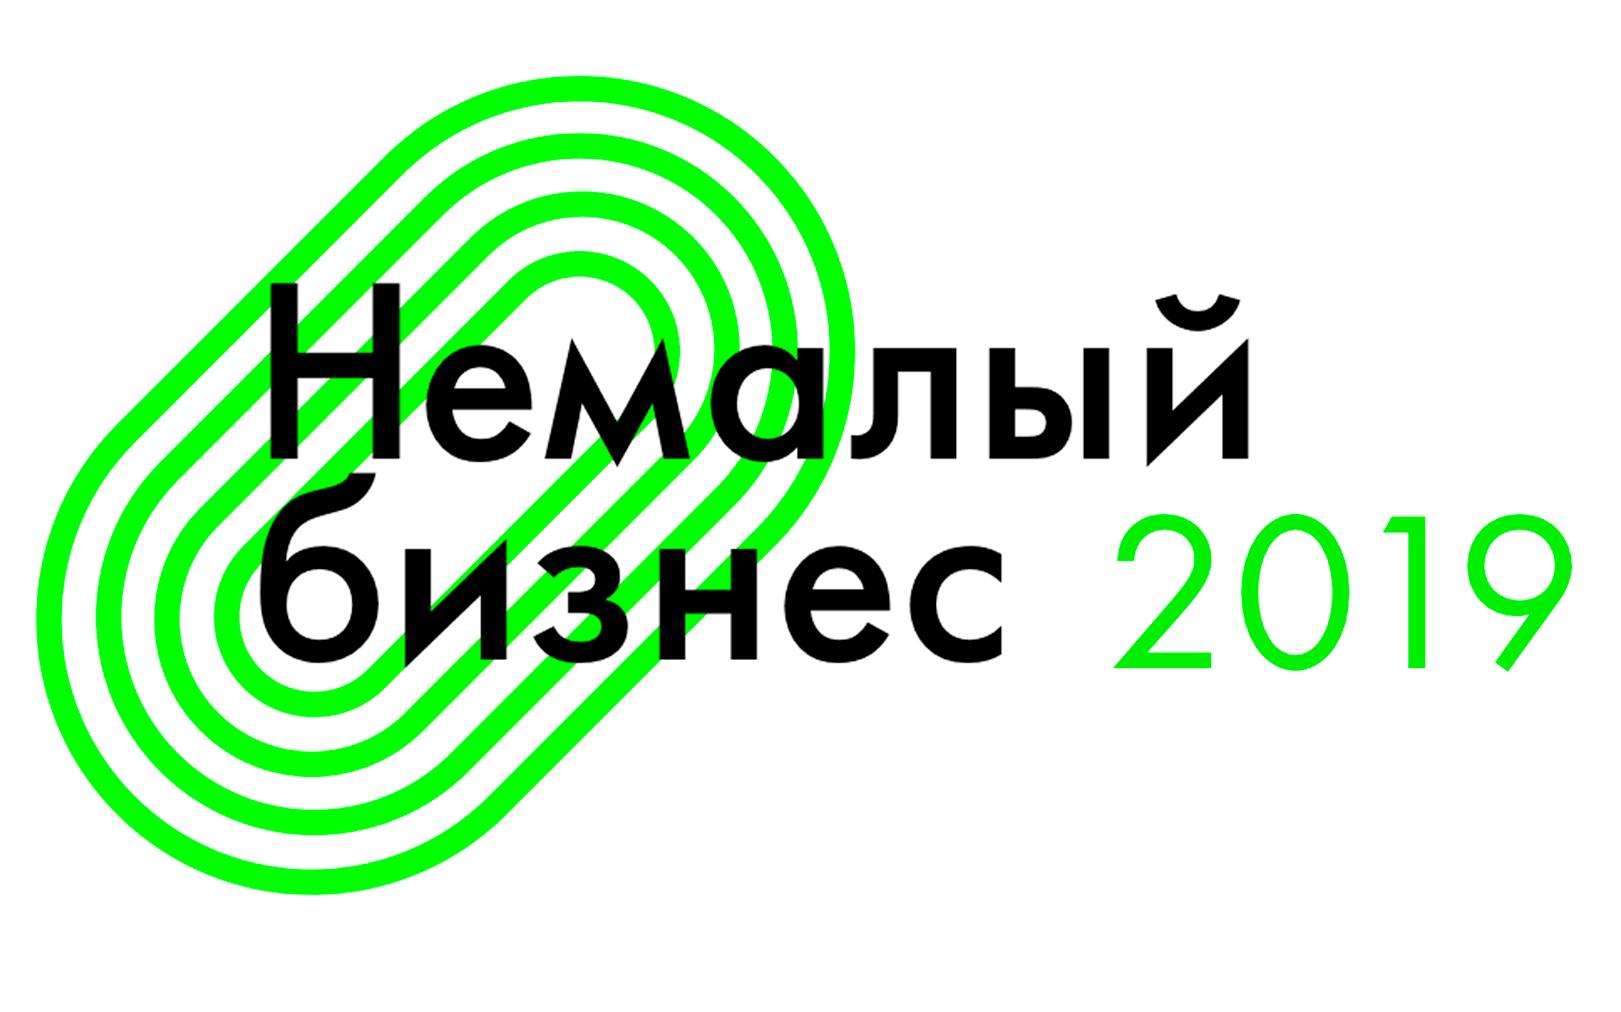 Открыт прием заявок на участие в Национальной премии «Немалый бизнес»